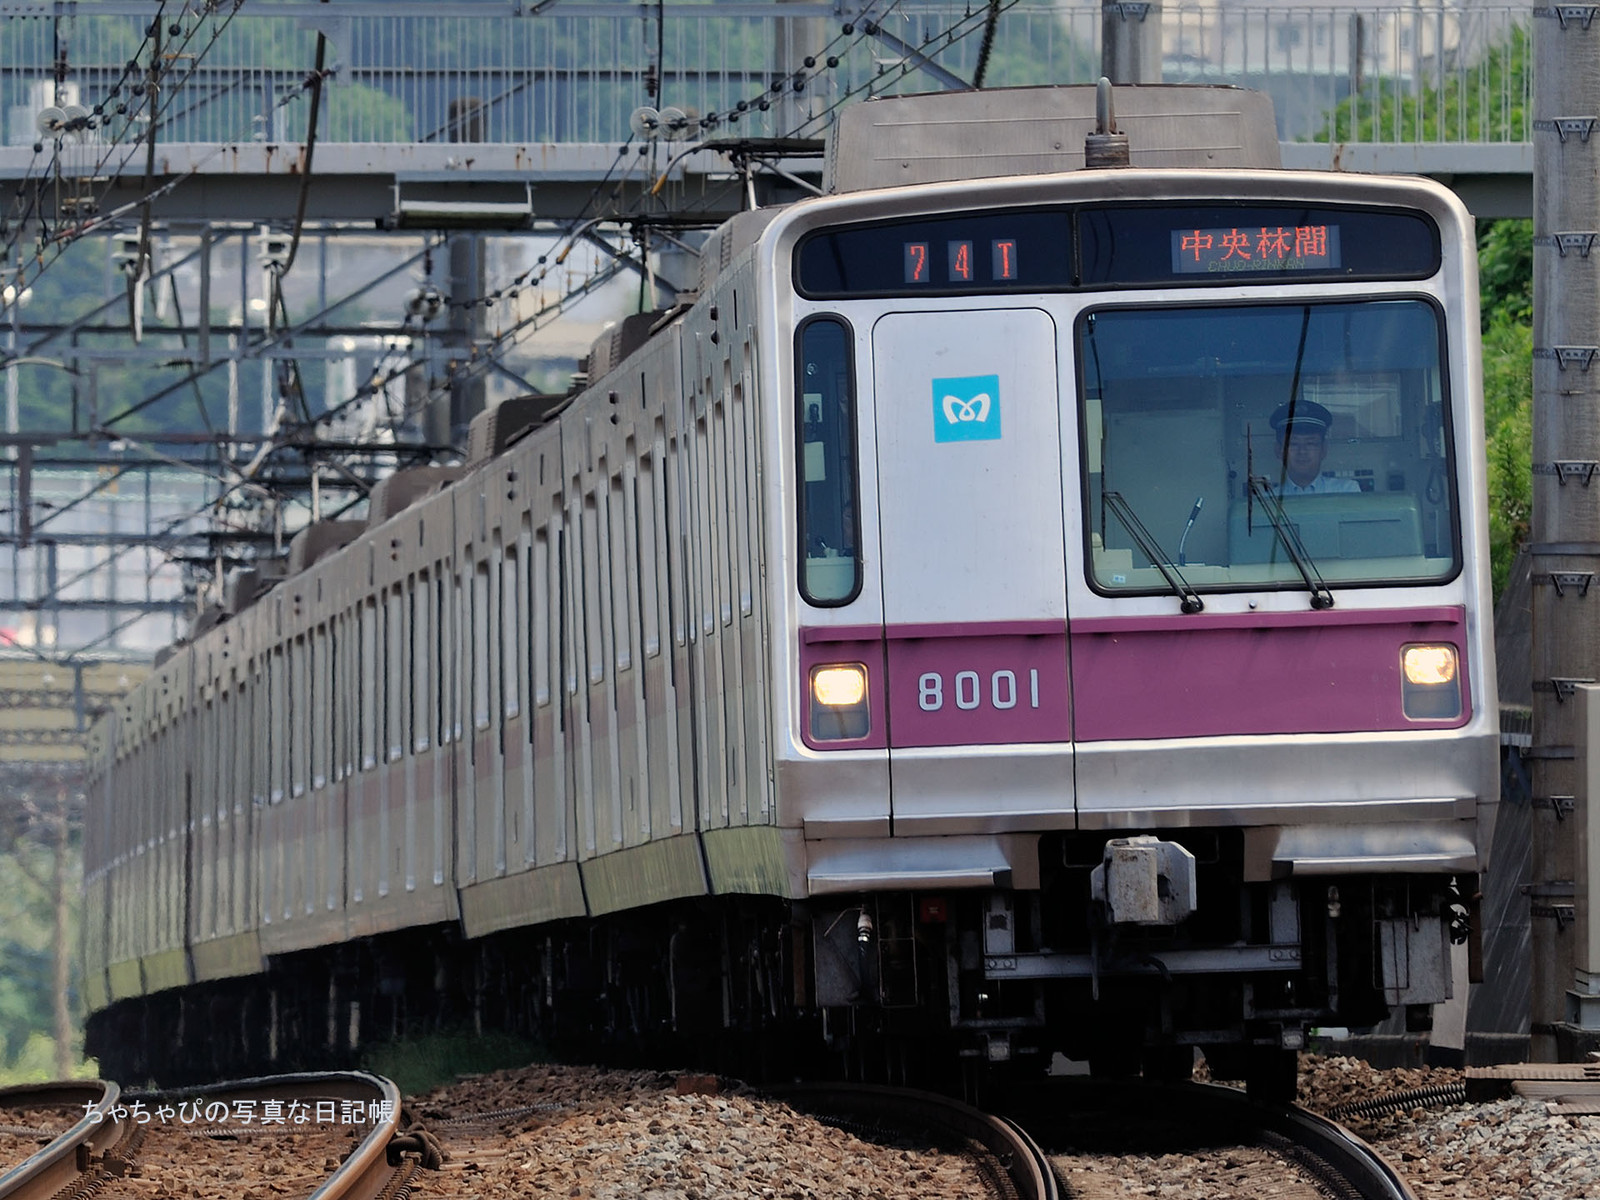 東京メトロ8000系 - 74ゥ 01編成-